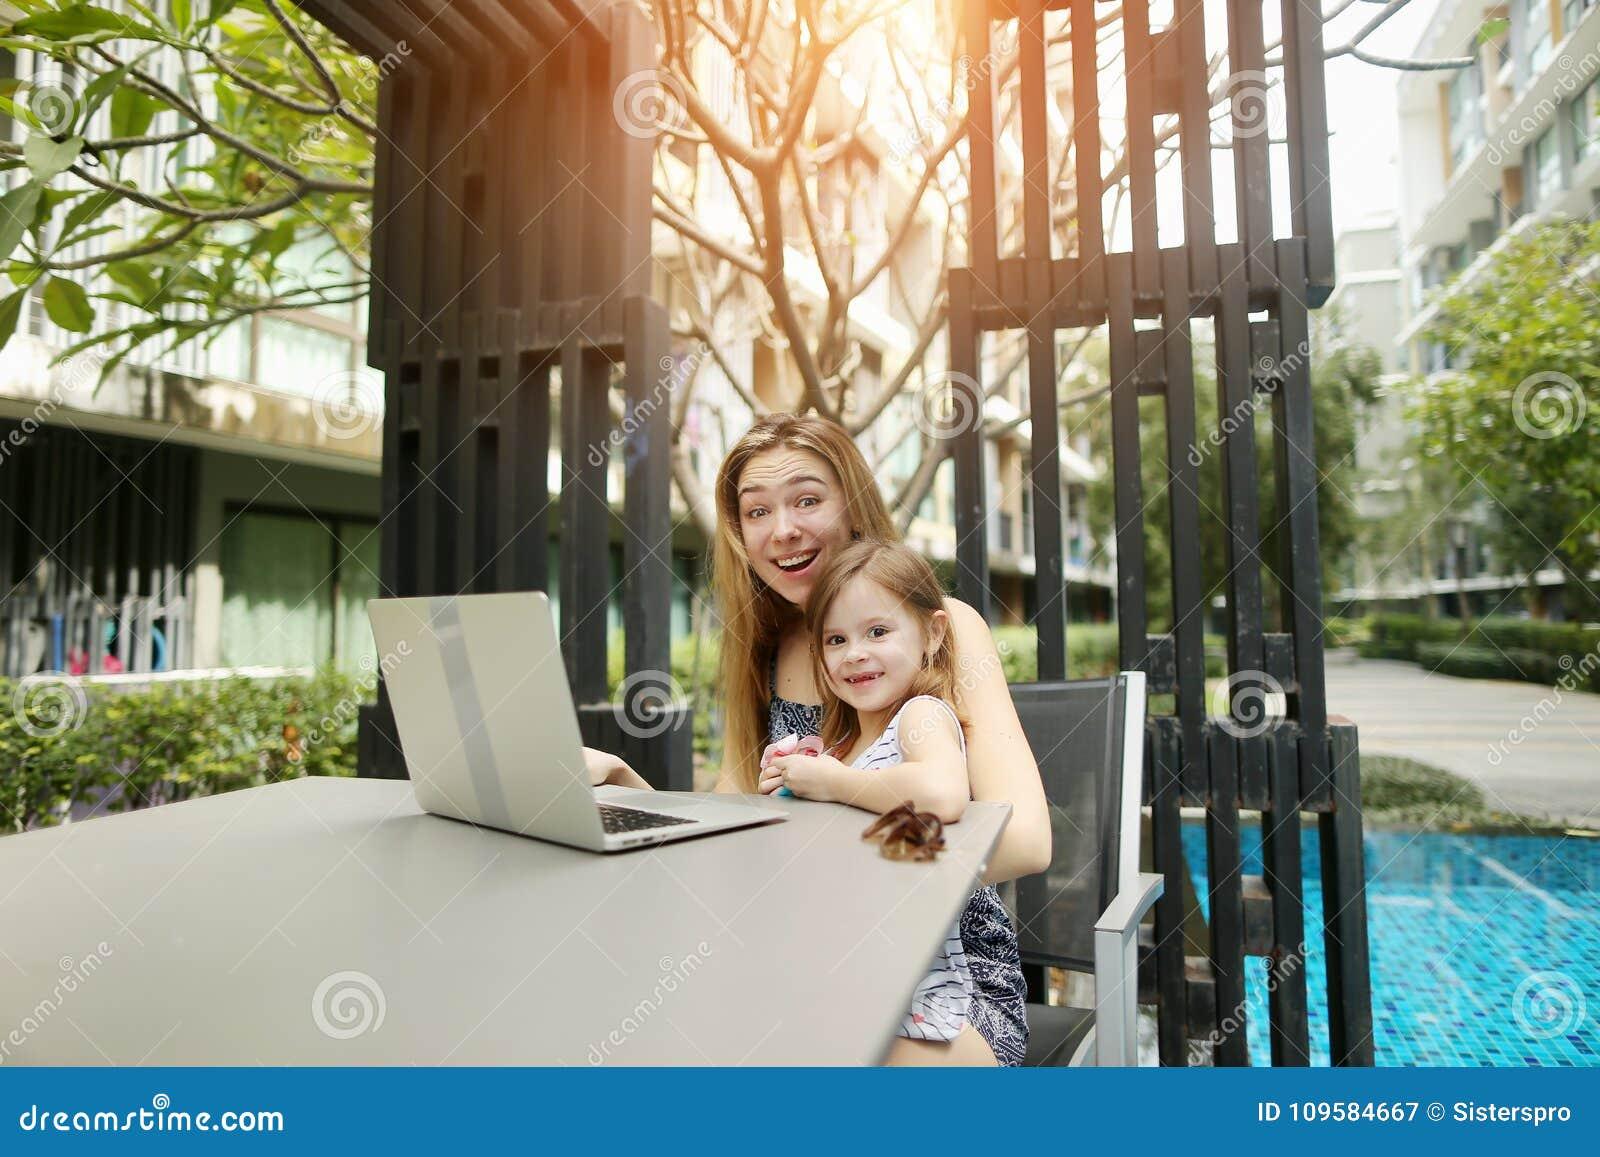 Mutter und Tochter benutzen Laptop für das on-line-Einkaufen auf Hintergrund des Swimmingpools am sonnigen Tag